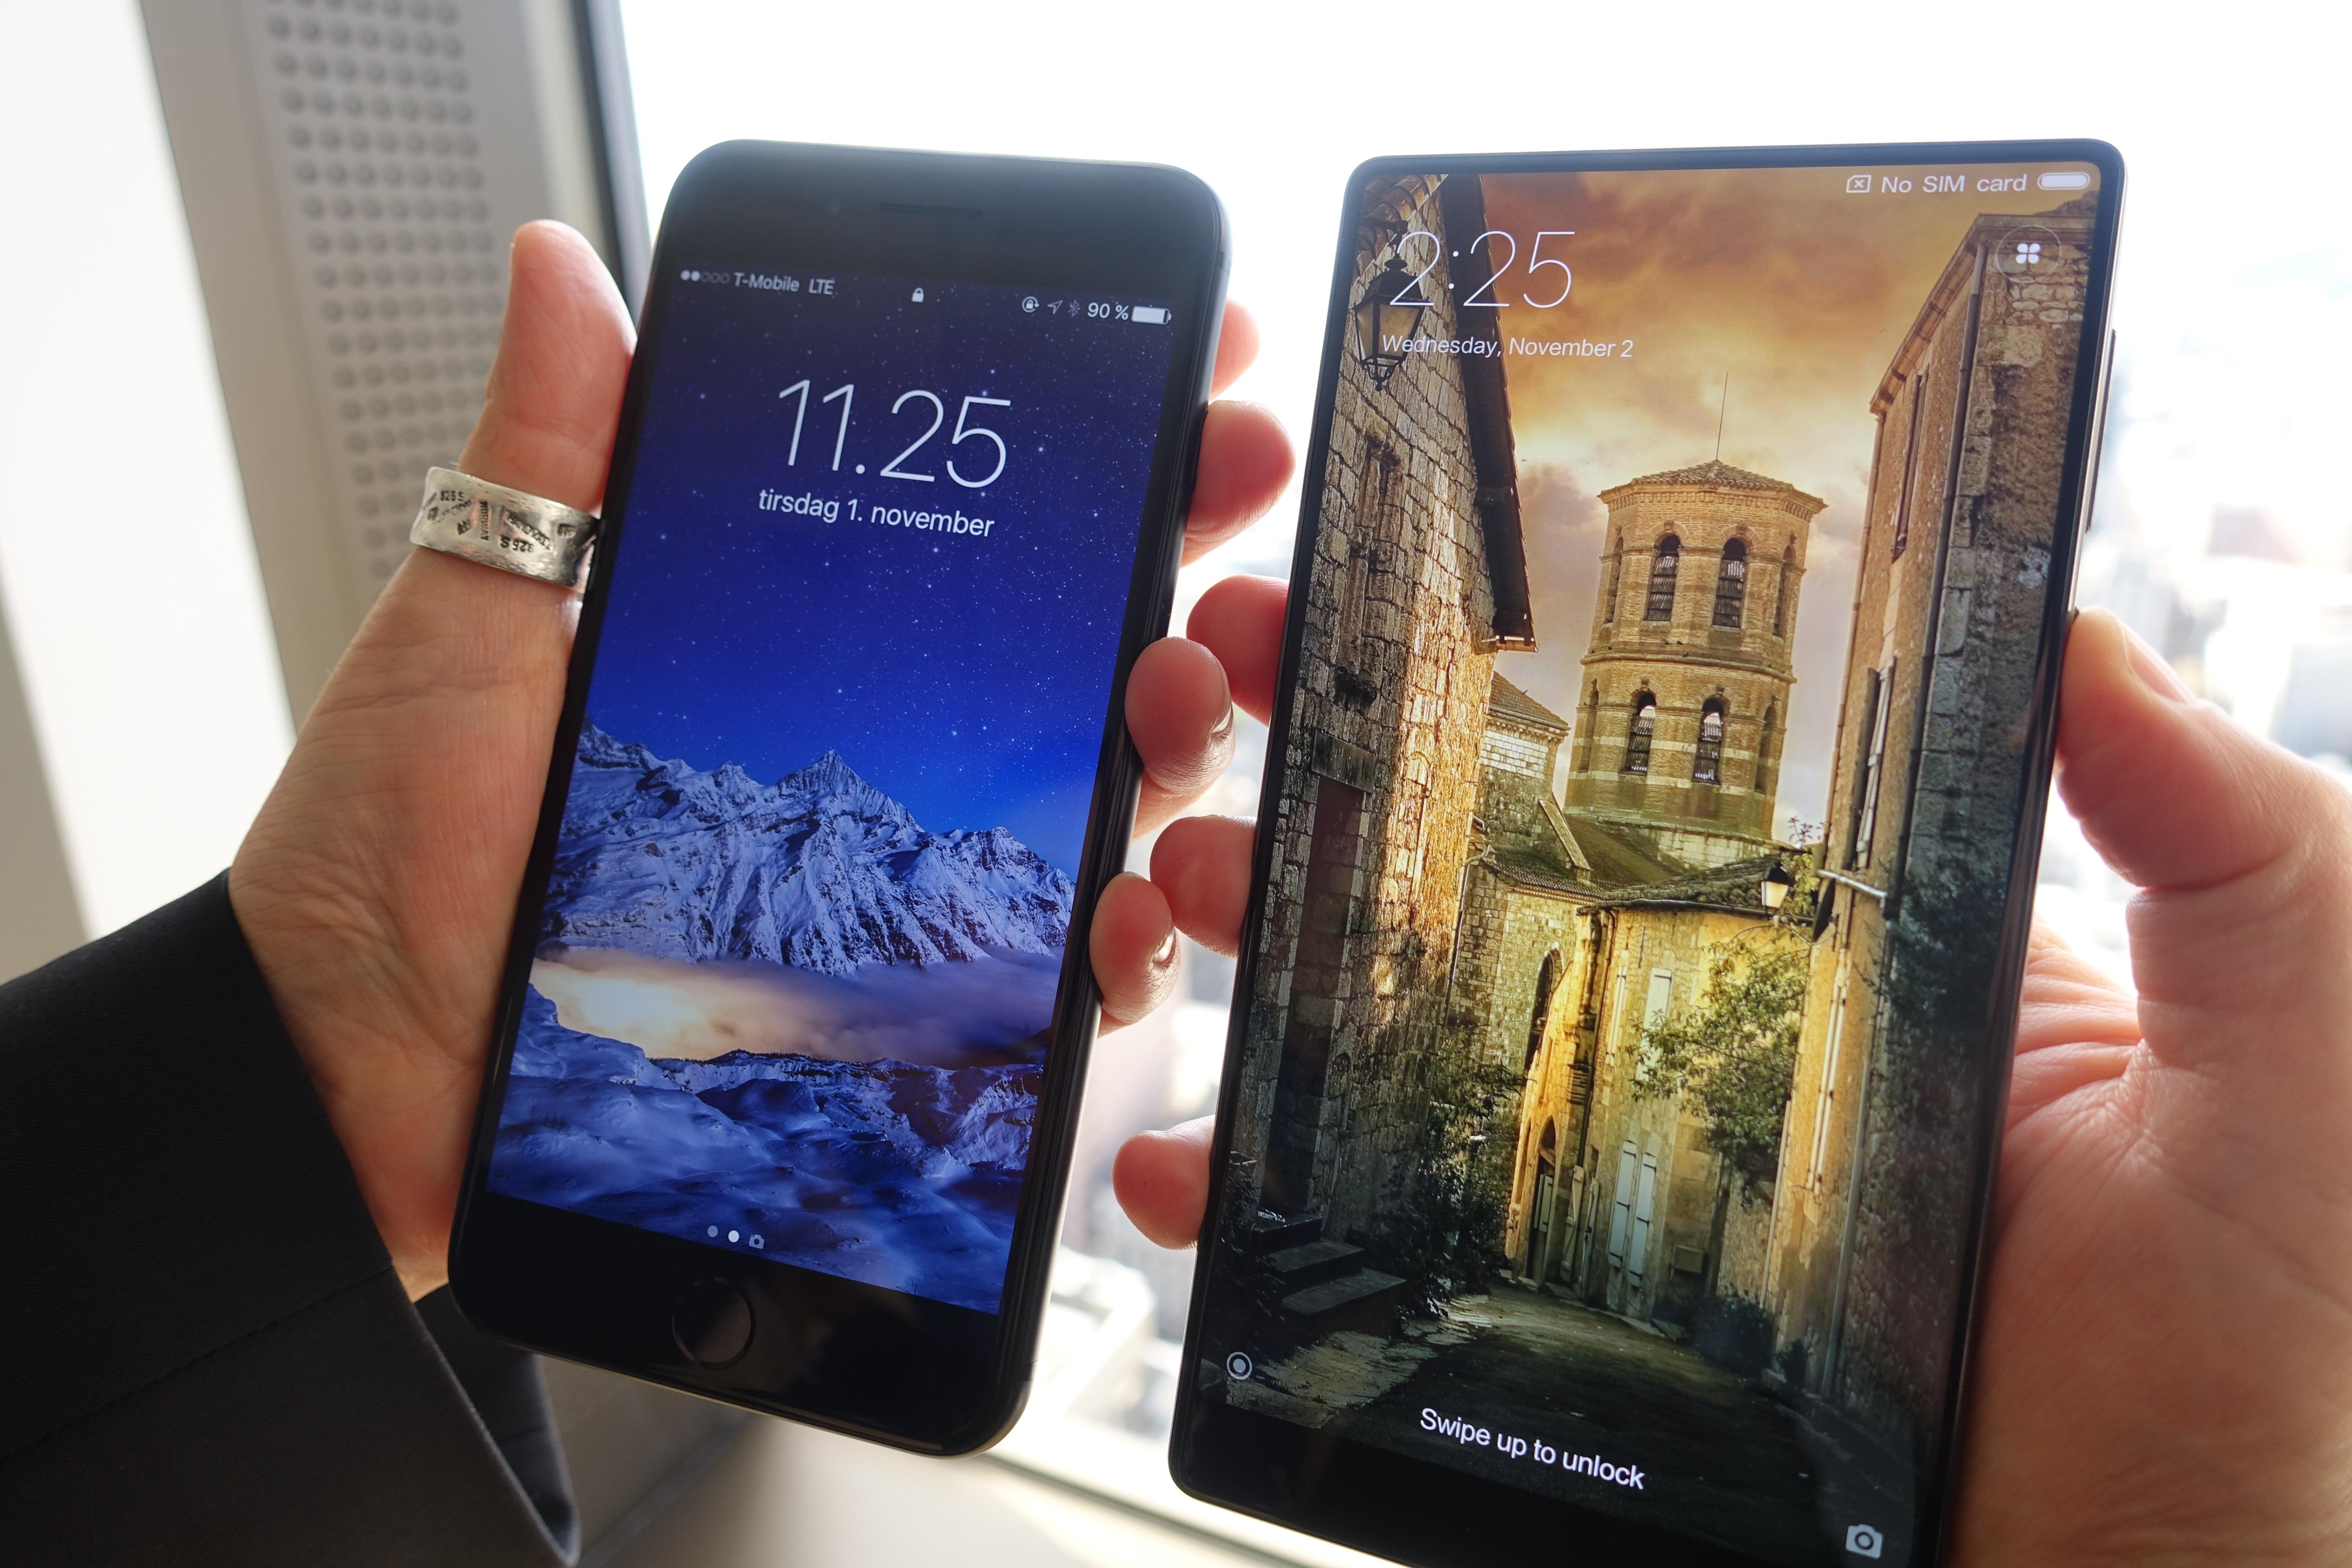 iPhone 7 Plus til venstre, Mi Mix til høyre. En av disse designene har en fremtid...